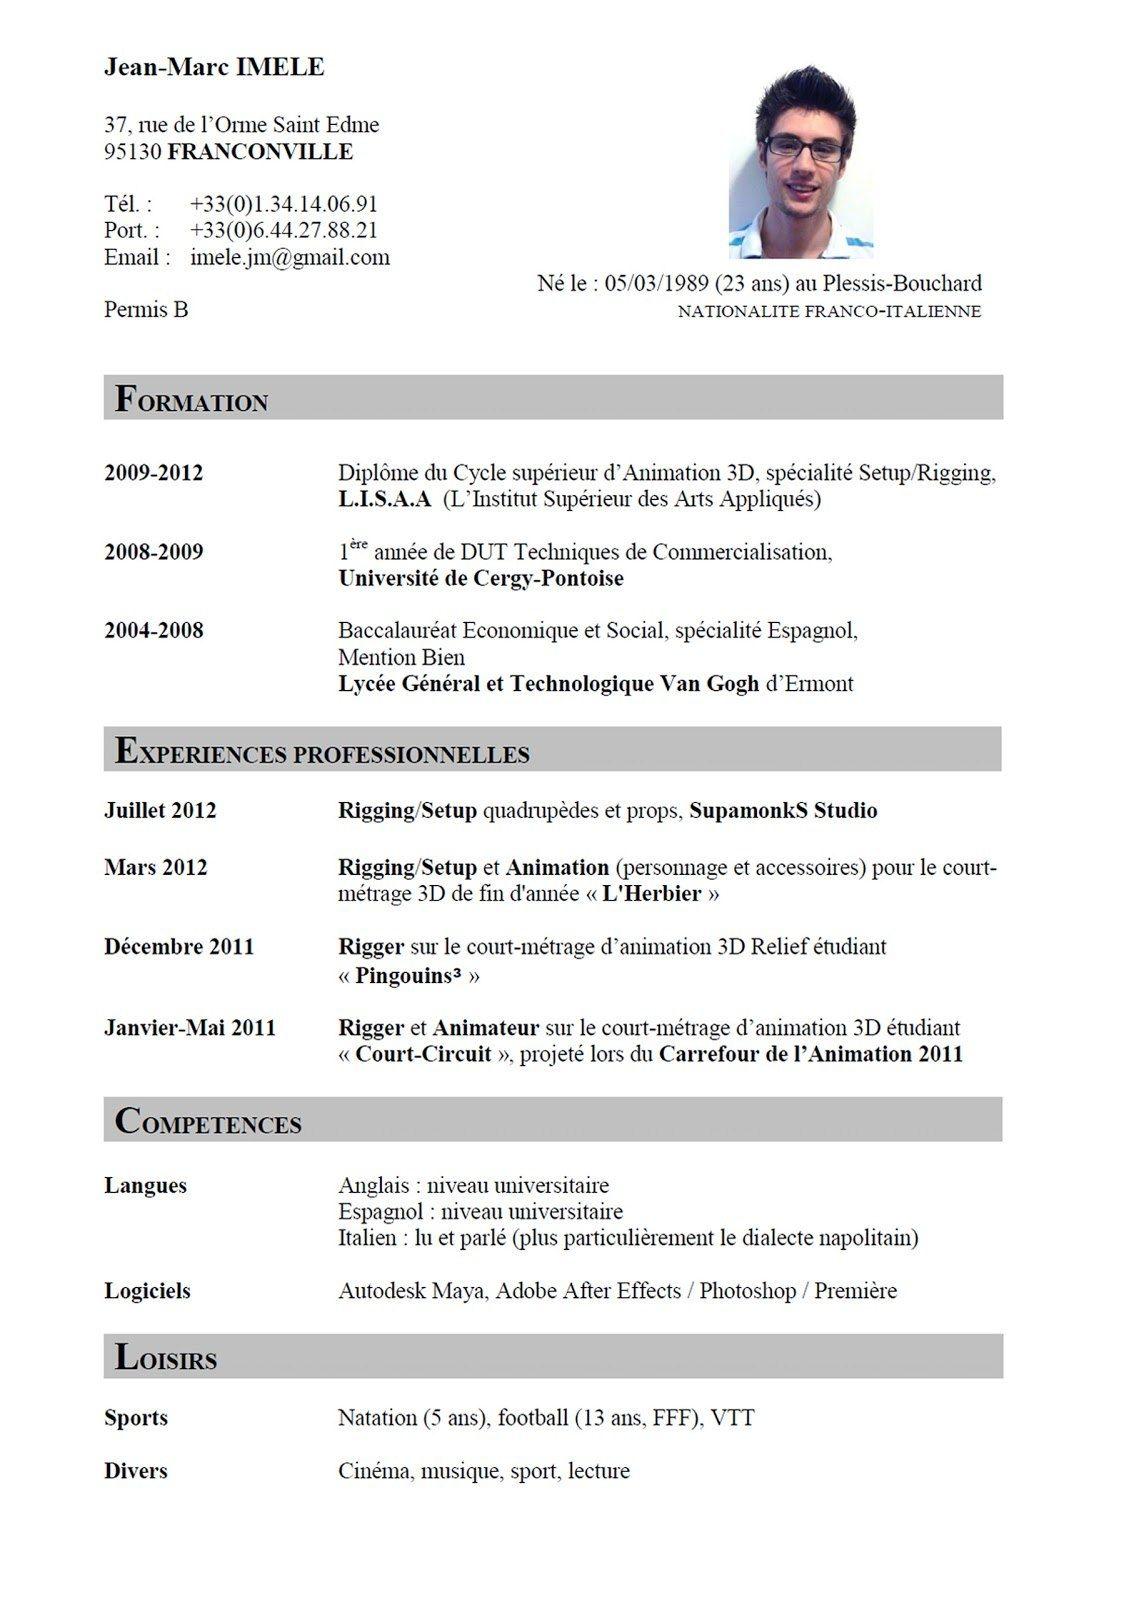 image exemple de cv en francais word gratuit lettre de presentation